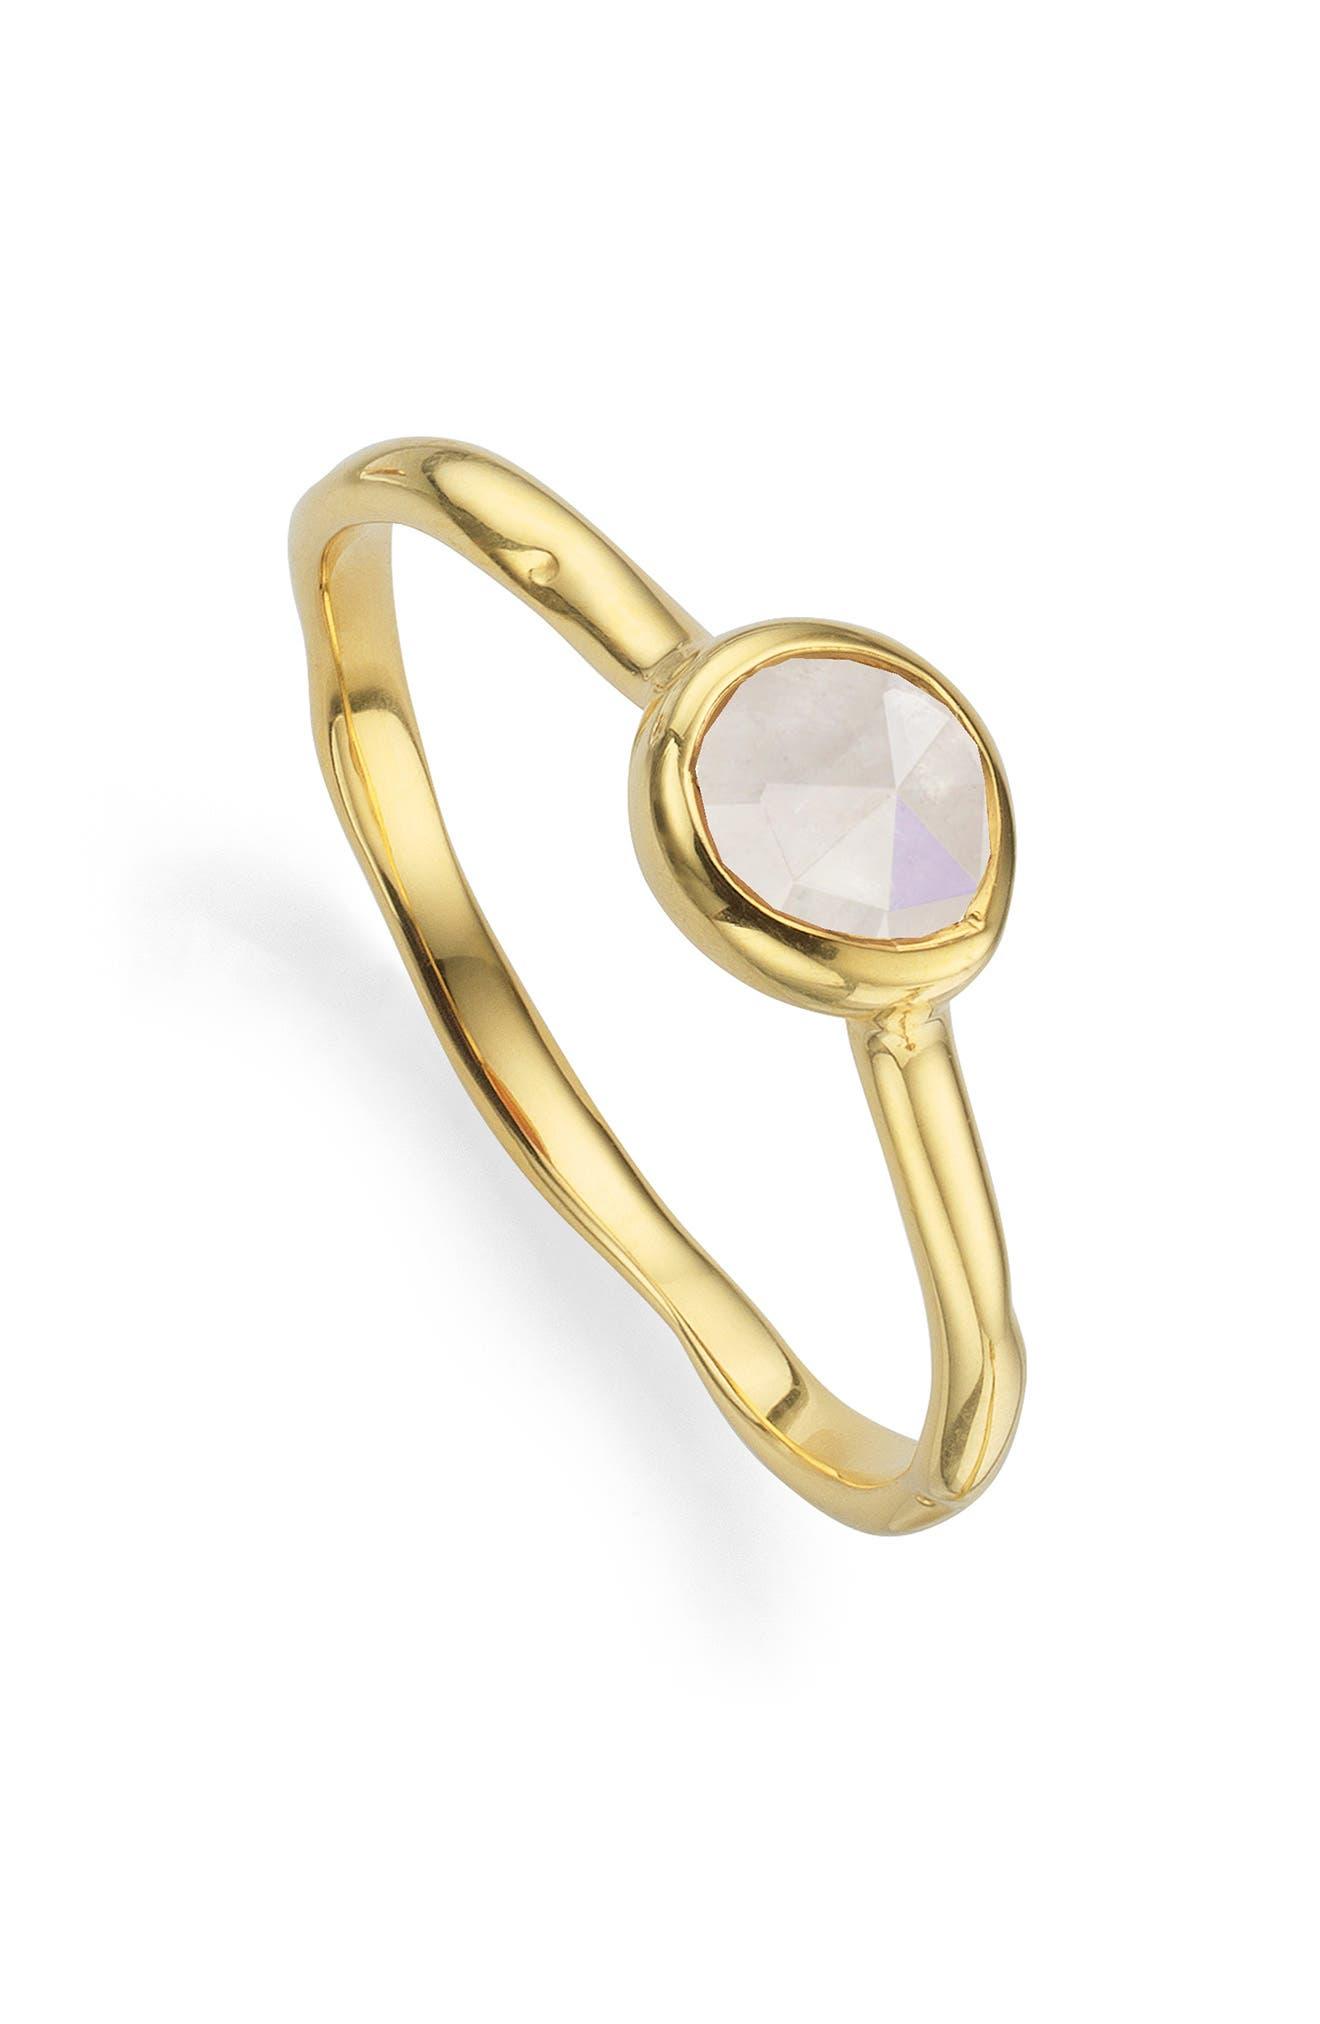 Siren Small Semiprecious Stone Stacking Ring,                             Main thumbnail 1, color,                             GOLD/ MOONSTONE